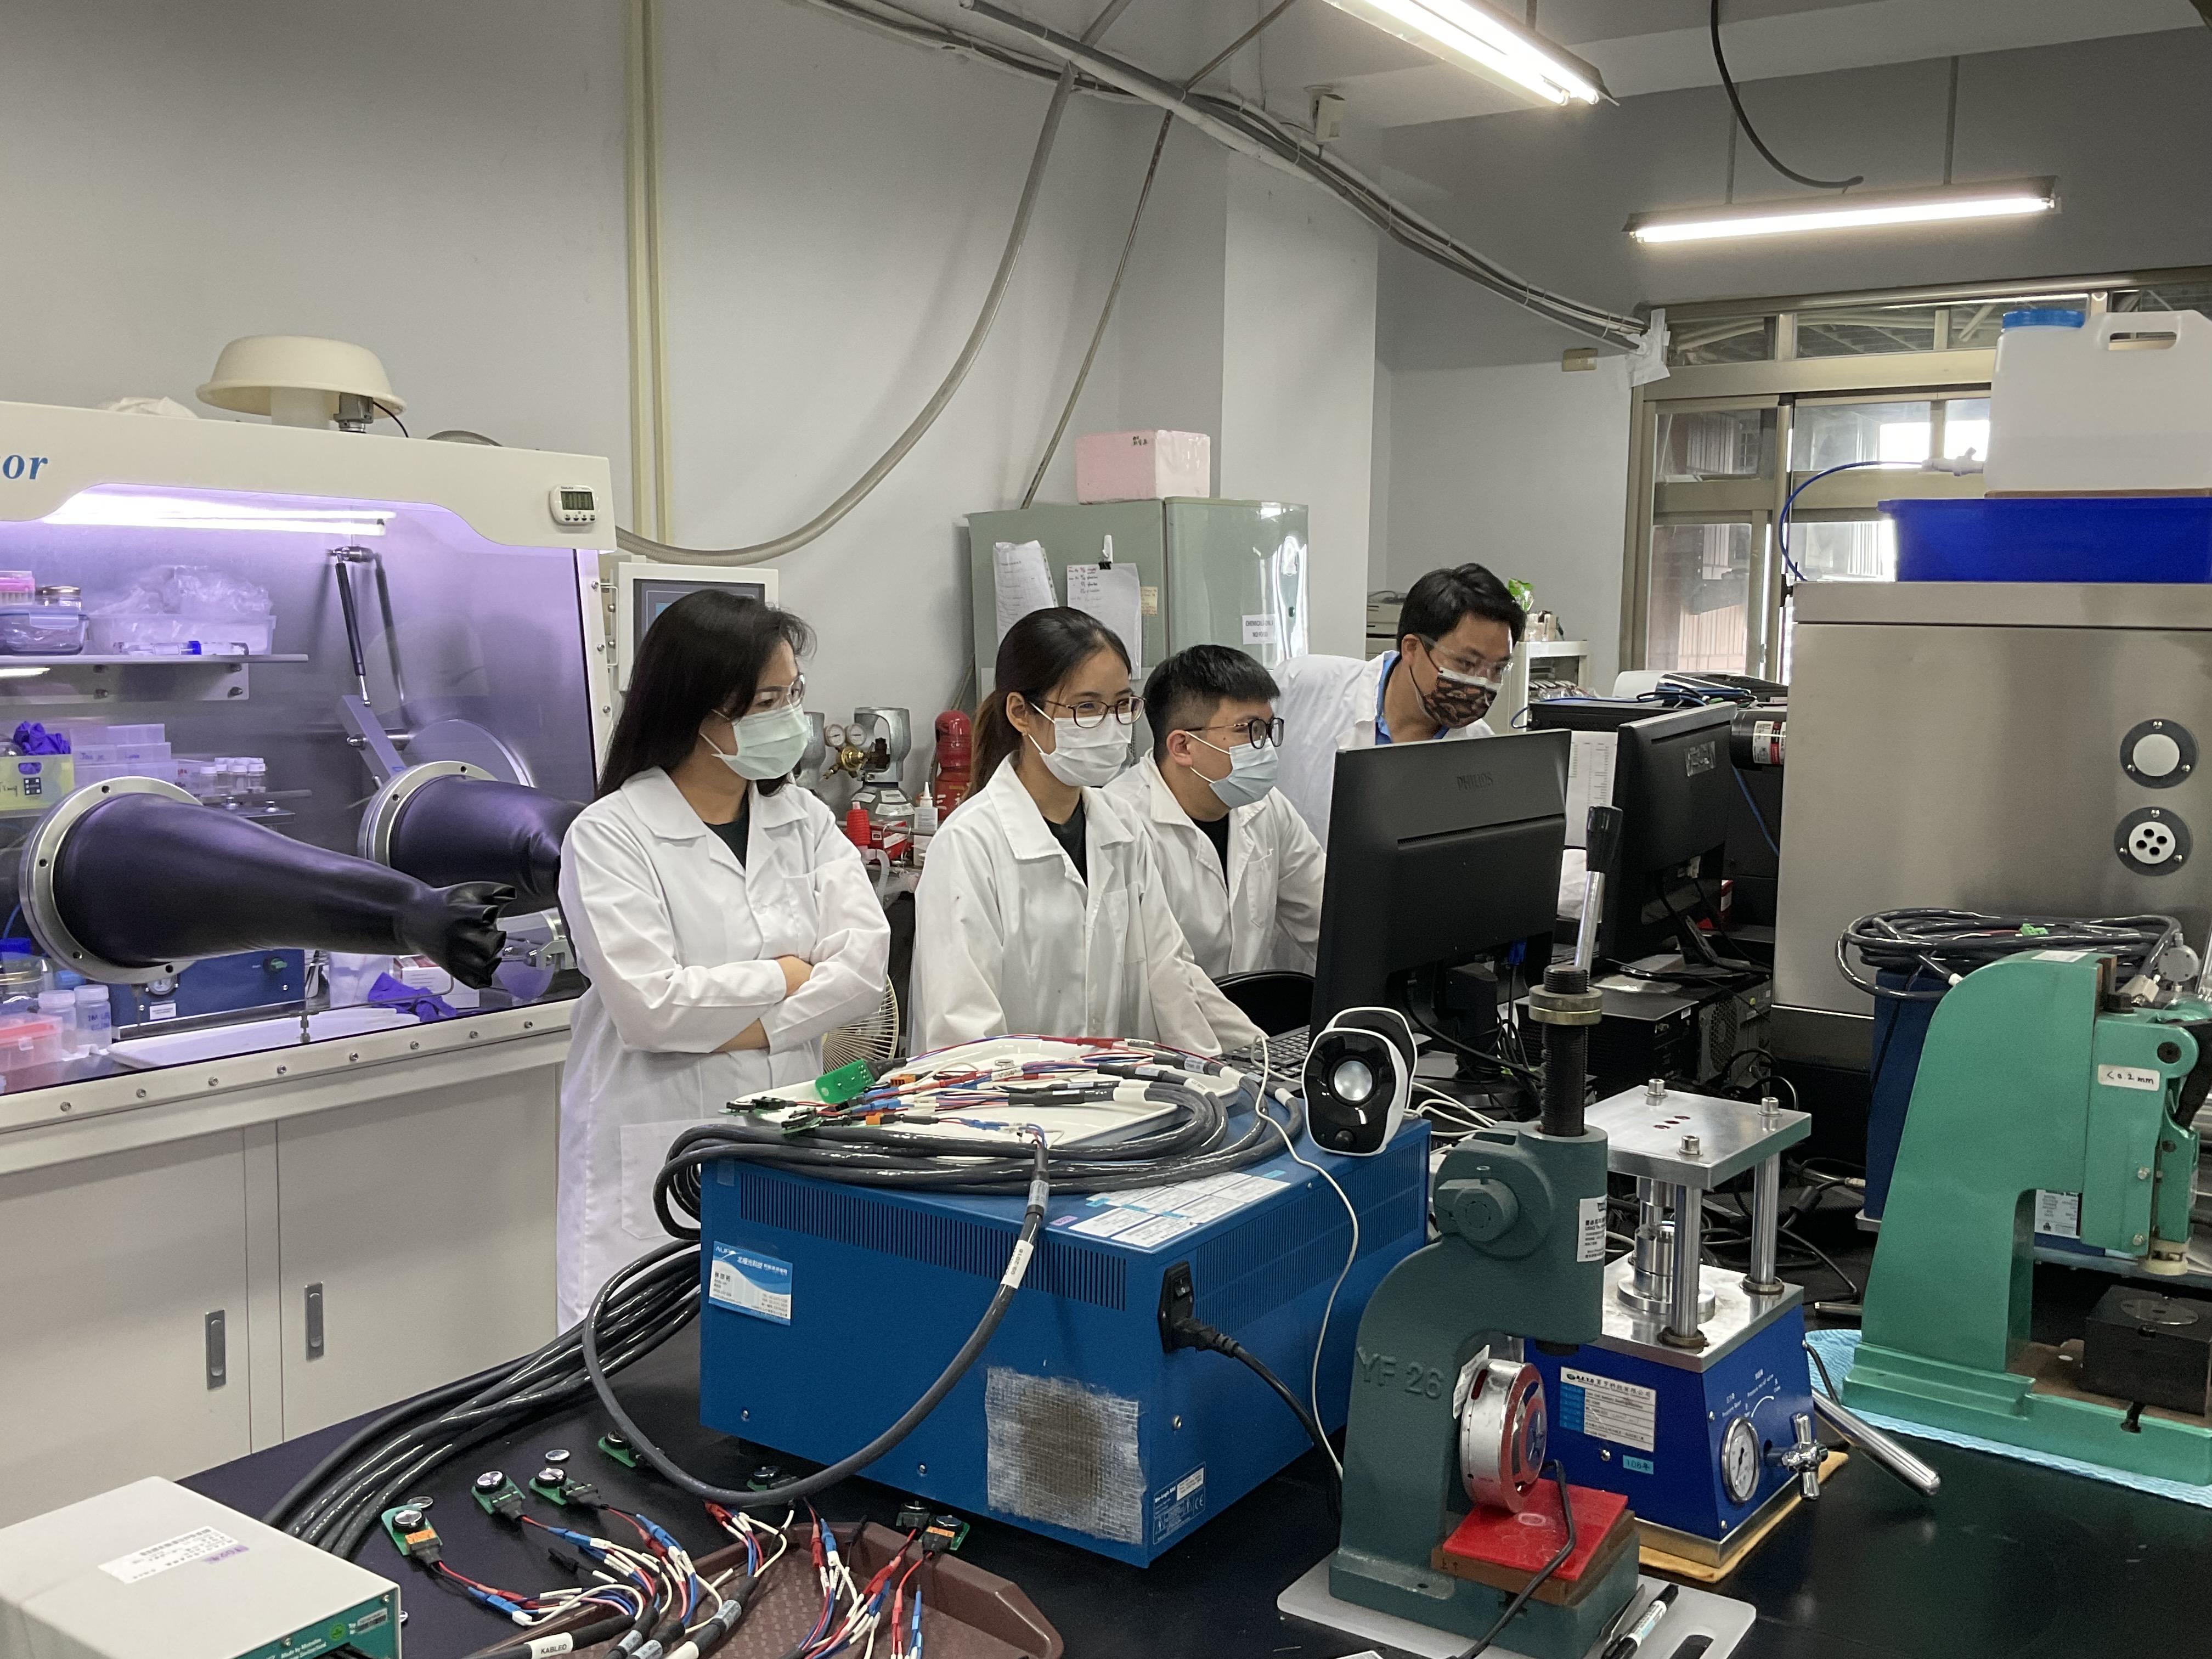 成大新南向攬才跨域合作 研發高效能鋰離子電池與碳捕捉技術的標題圖片